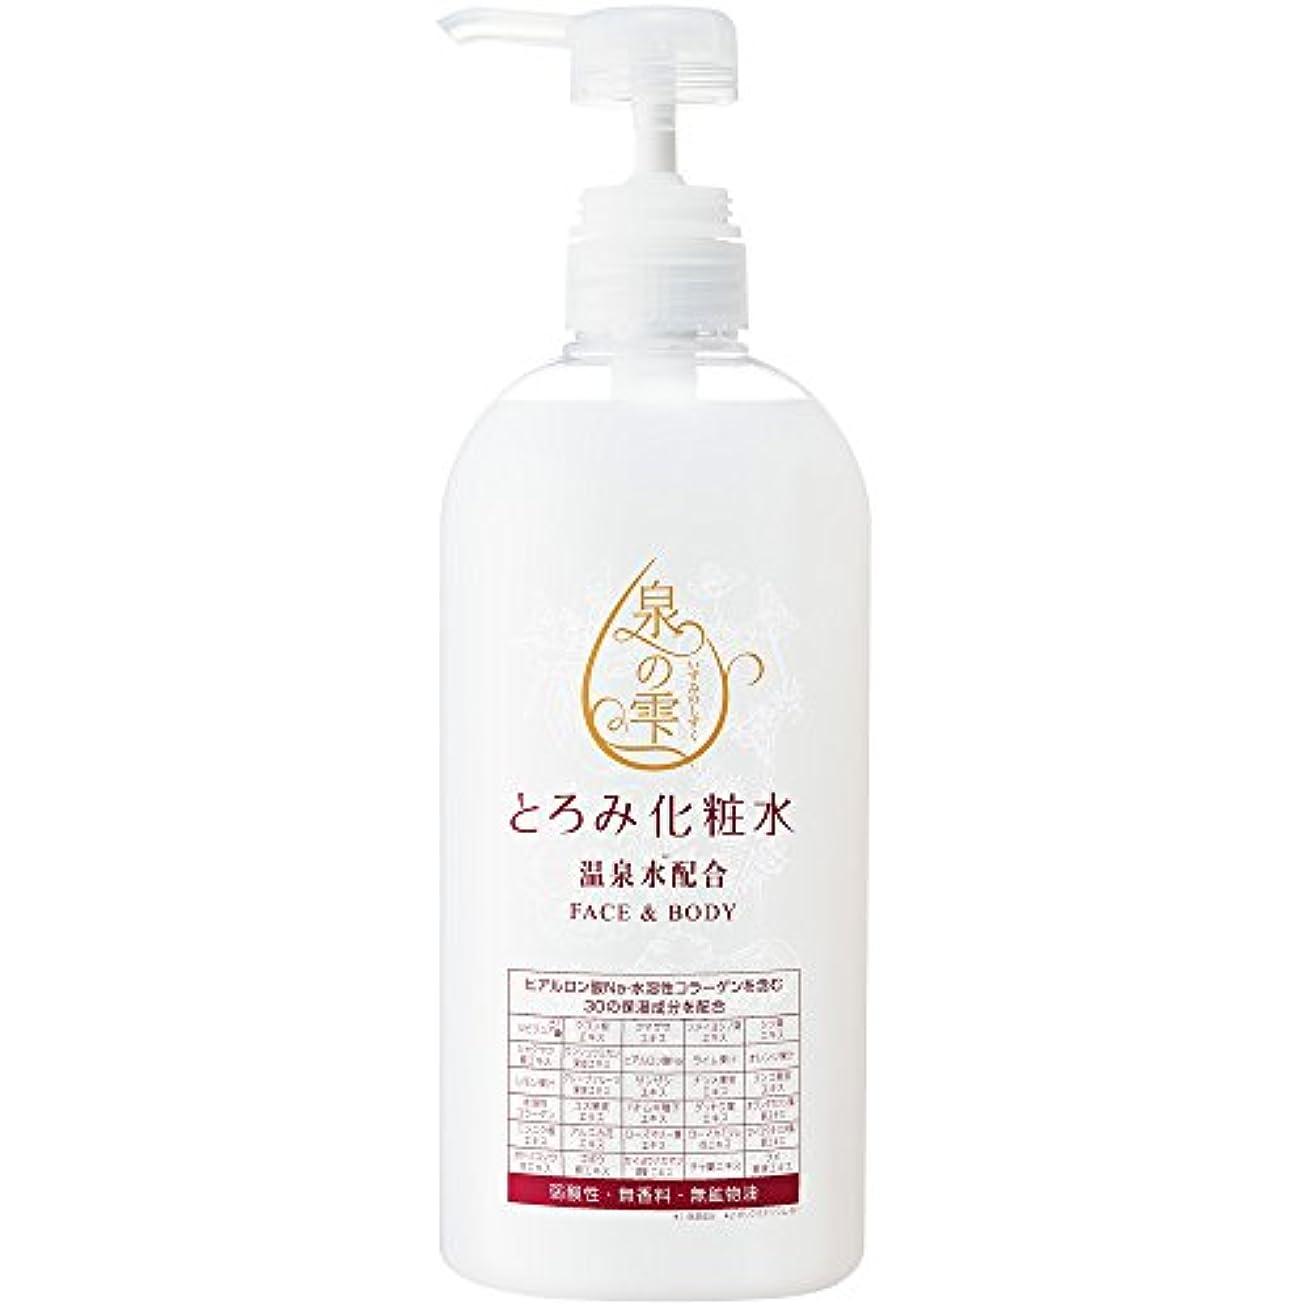 メニュー落花生しょっぱい泉の雫(いずみのしずく)とろみ化粧水 700ml